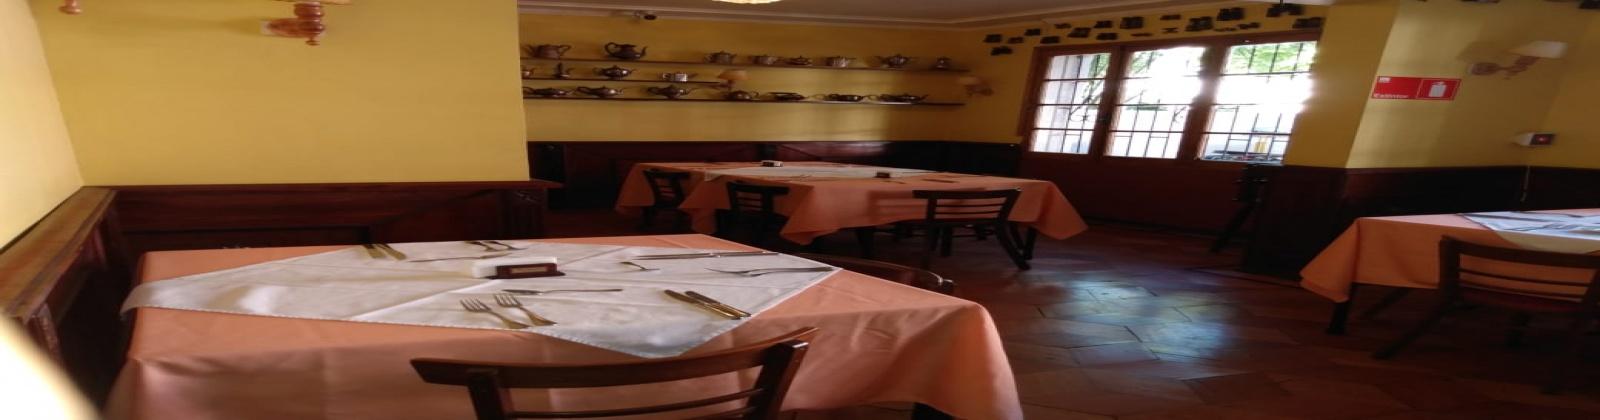 Arzobispo Gonzalez, Santiago, R. Metropolitana, 5 Habitaciones Habitaciones,4 BathroomsBathrooms,Local Comercial,Arriendo,Arzobispo Gonzalez,1062